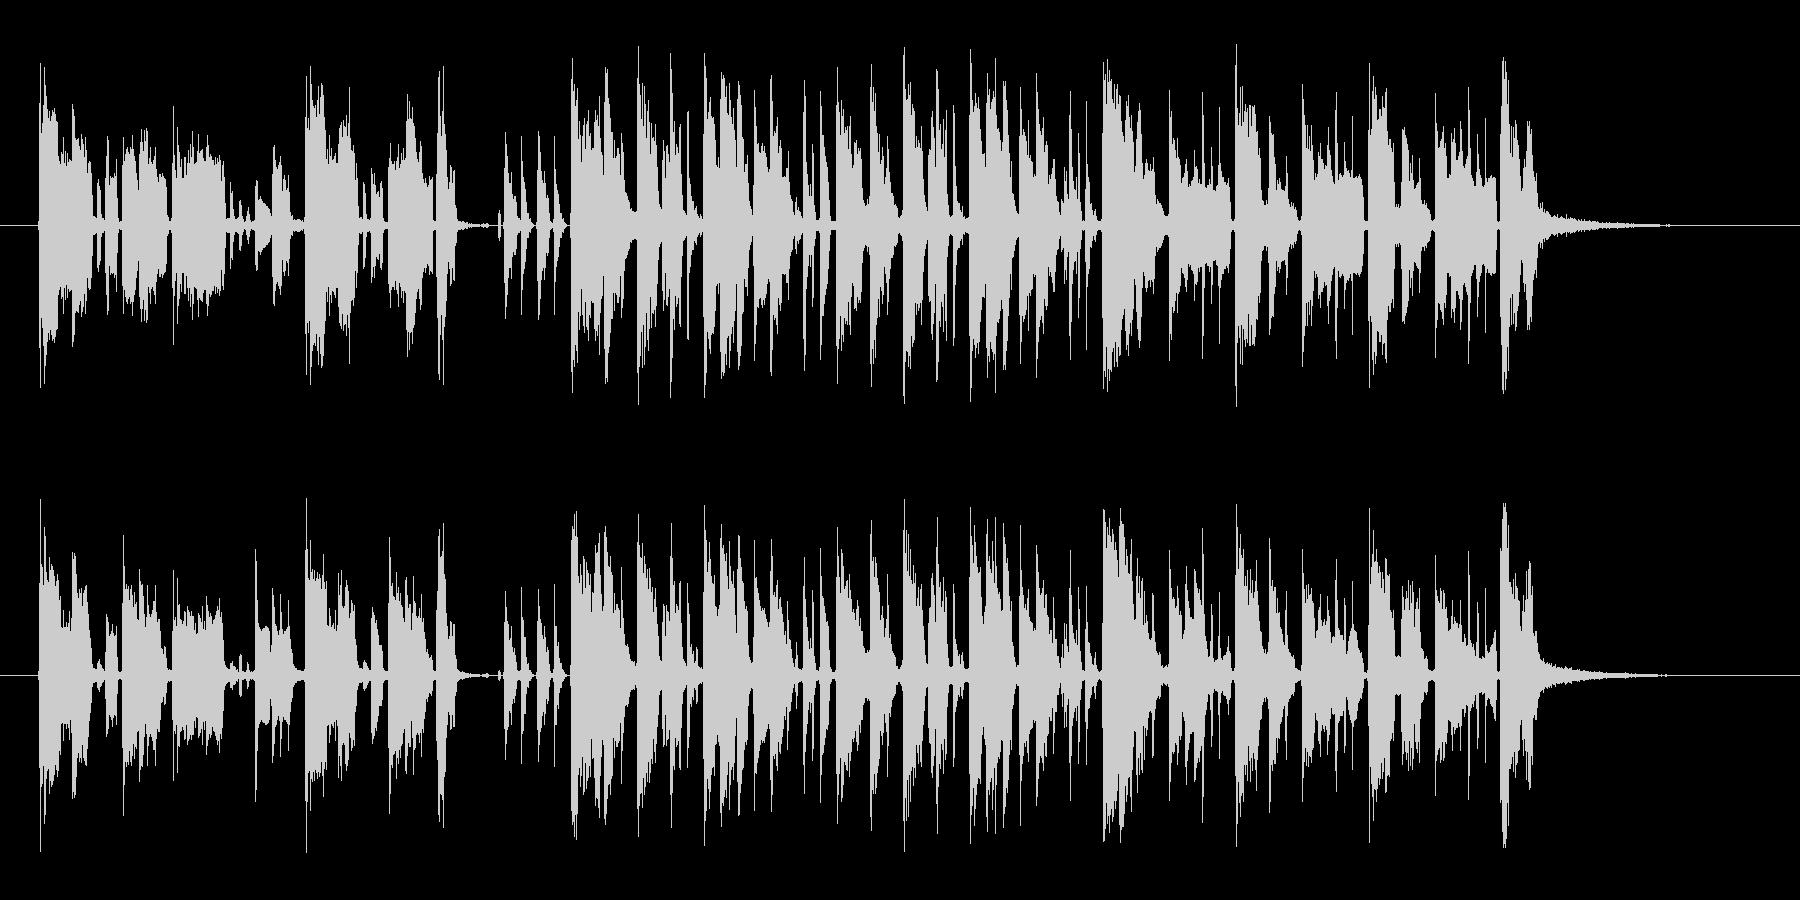 軽快で現代的なギターサウンドの未再生の波形